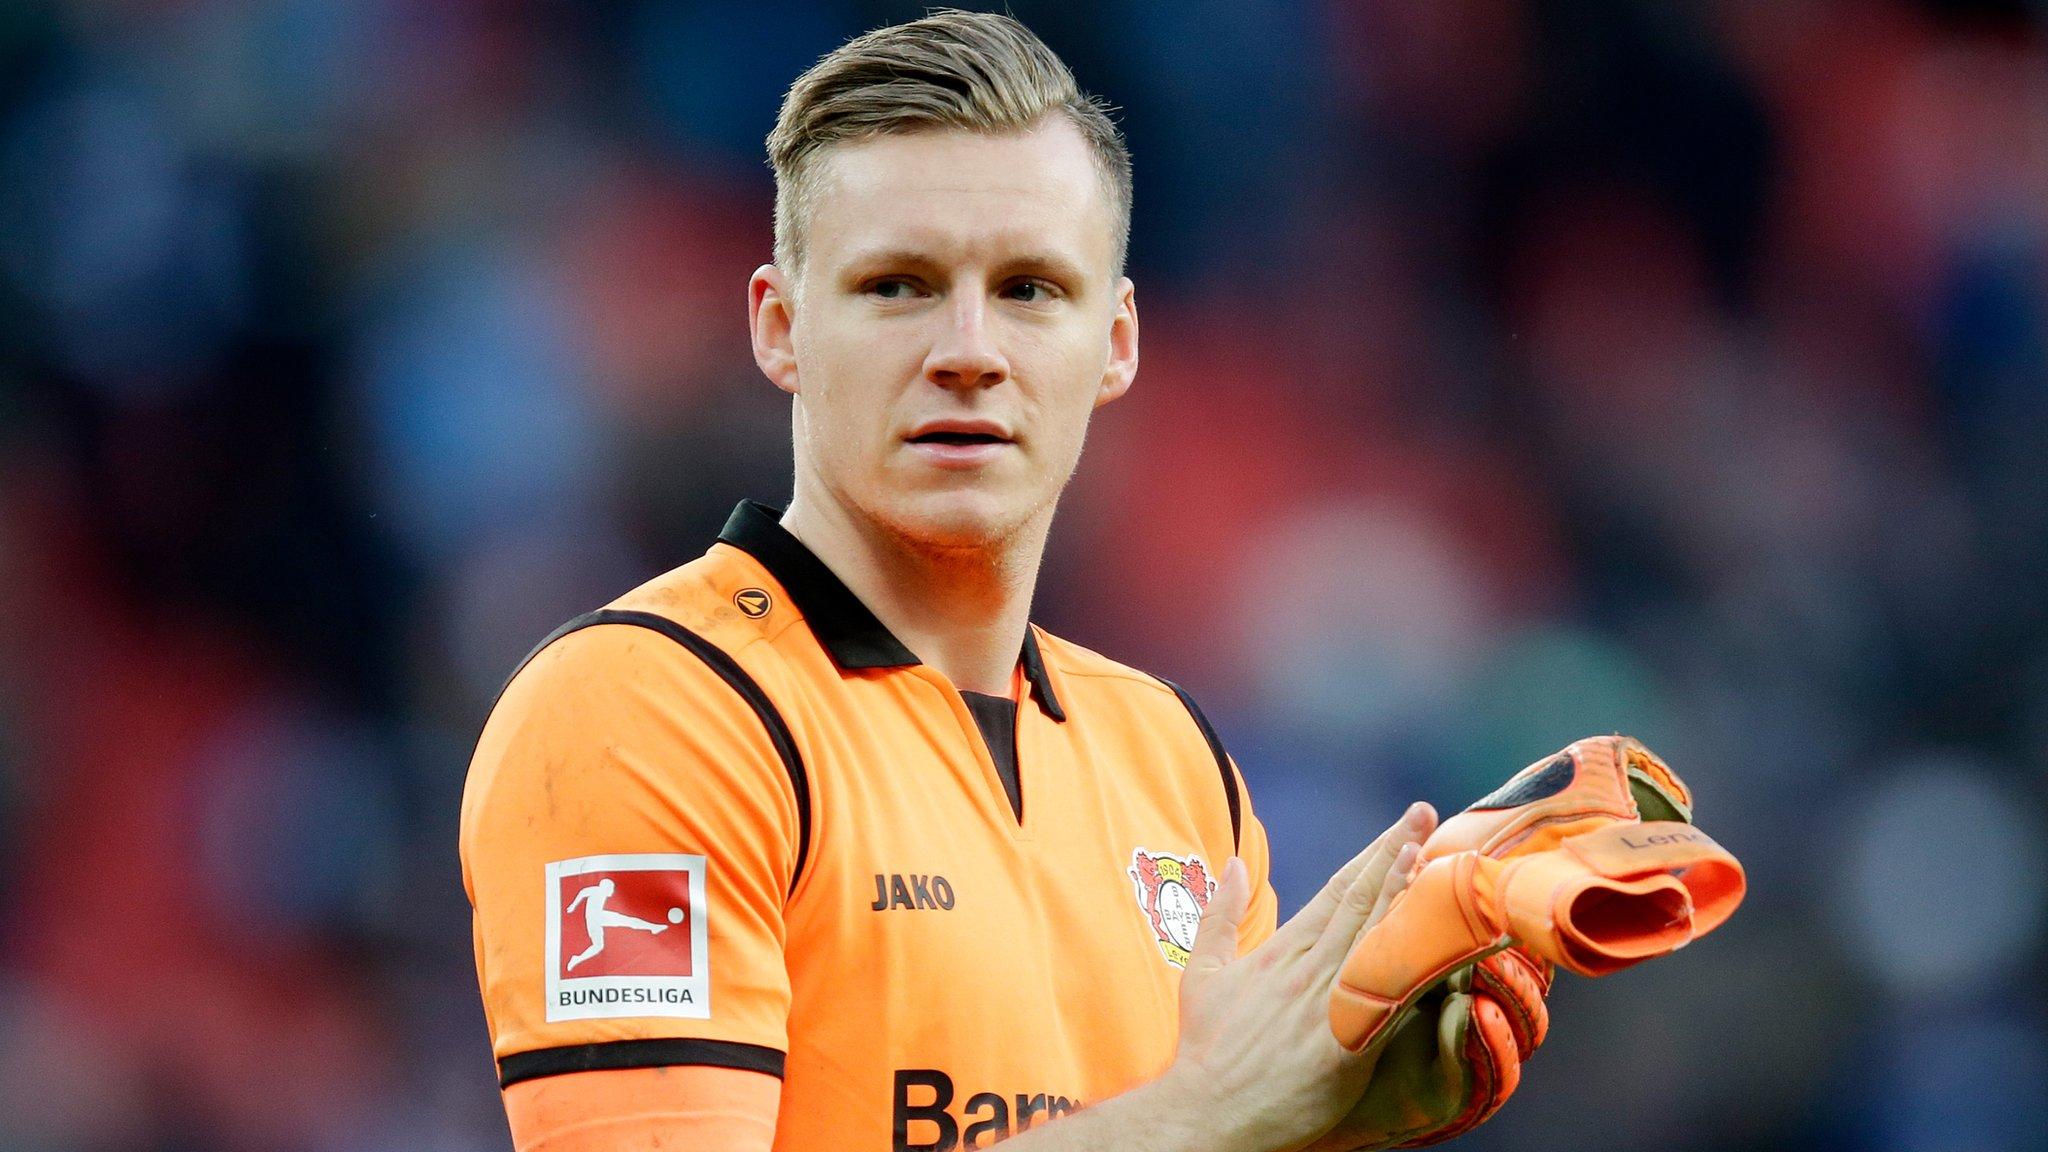 Arsenal agree fee for Leverkusen goalkeeper Leno